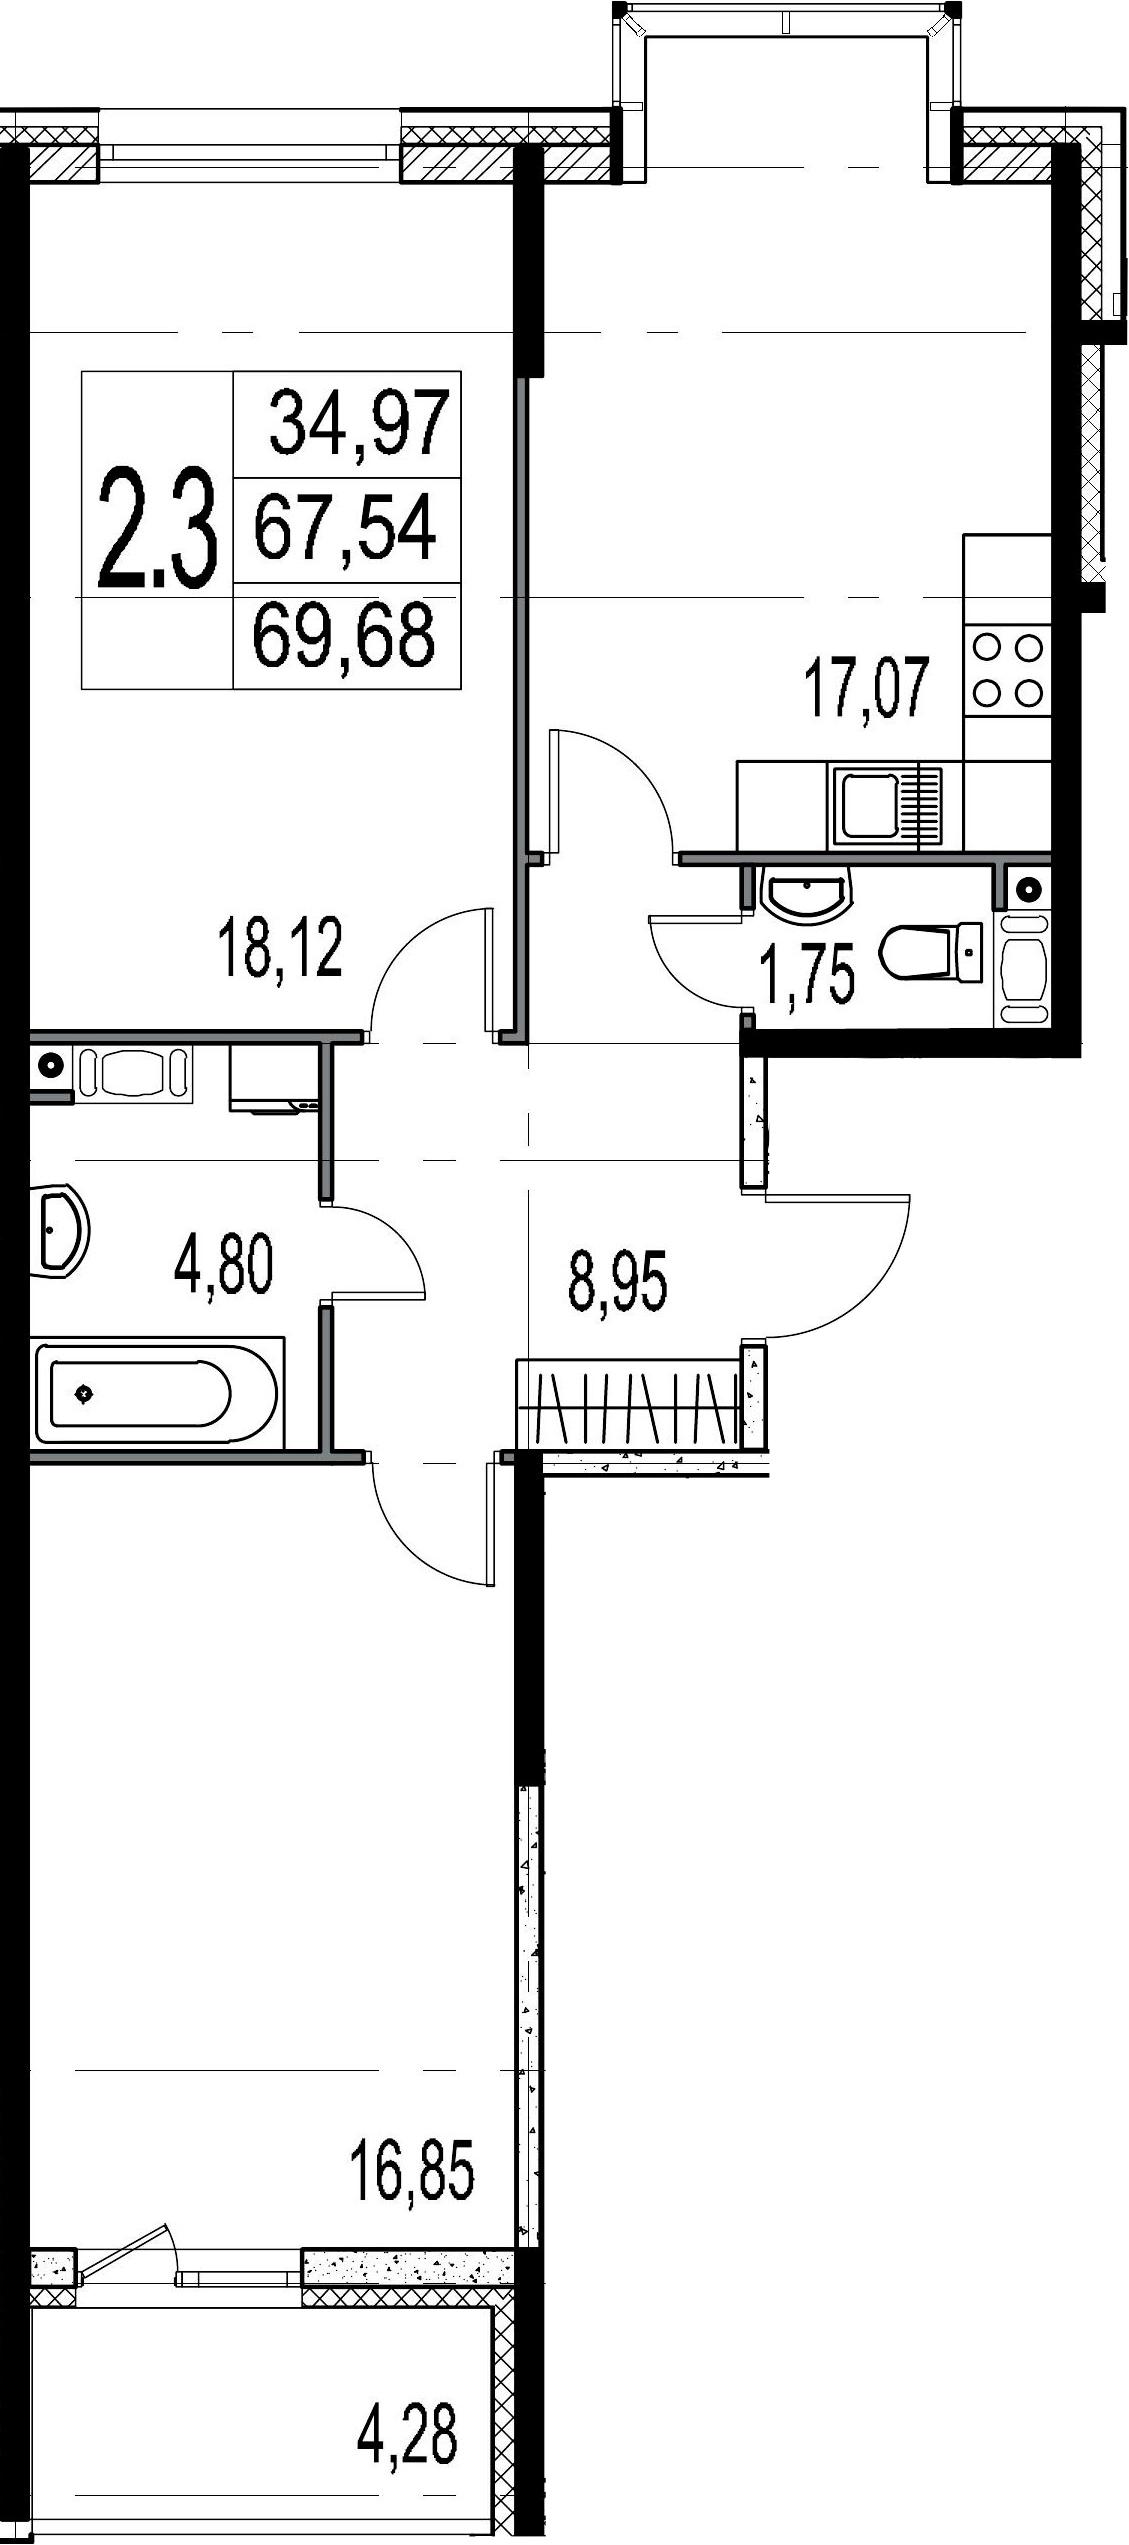 2-к.кв, 67.54 м²